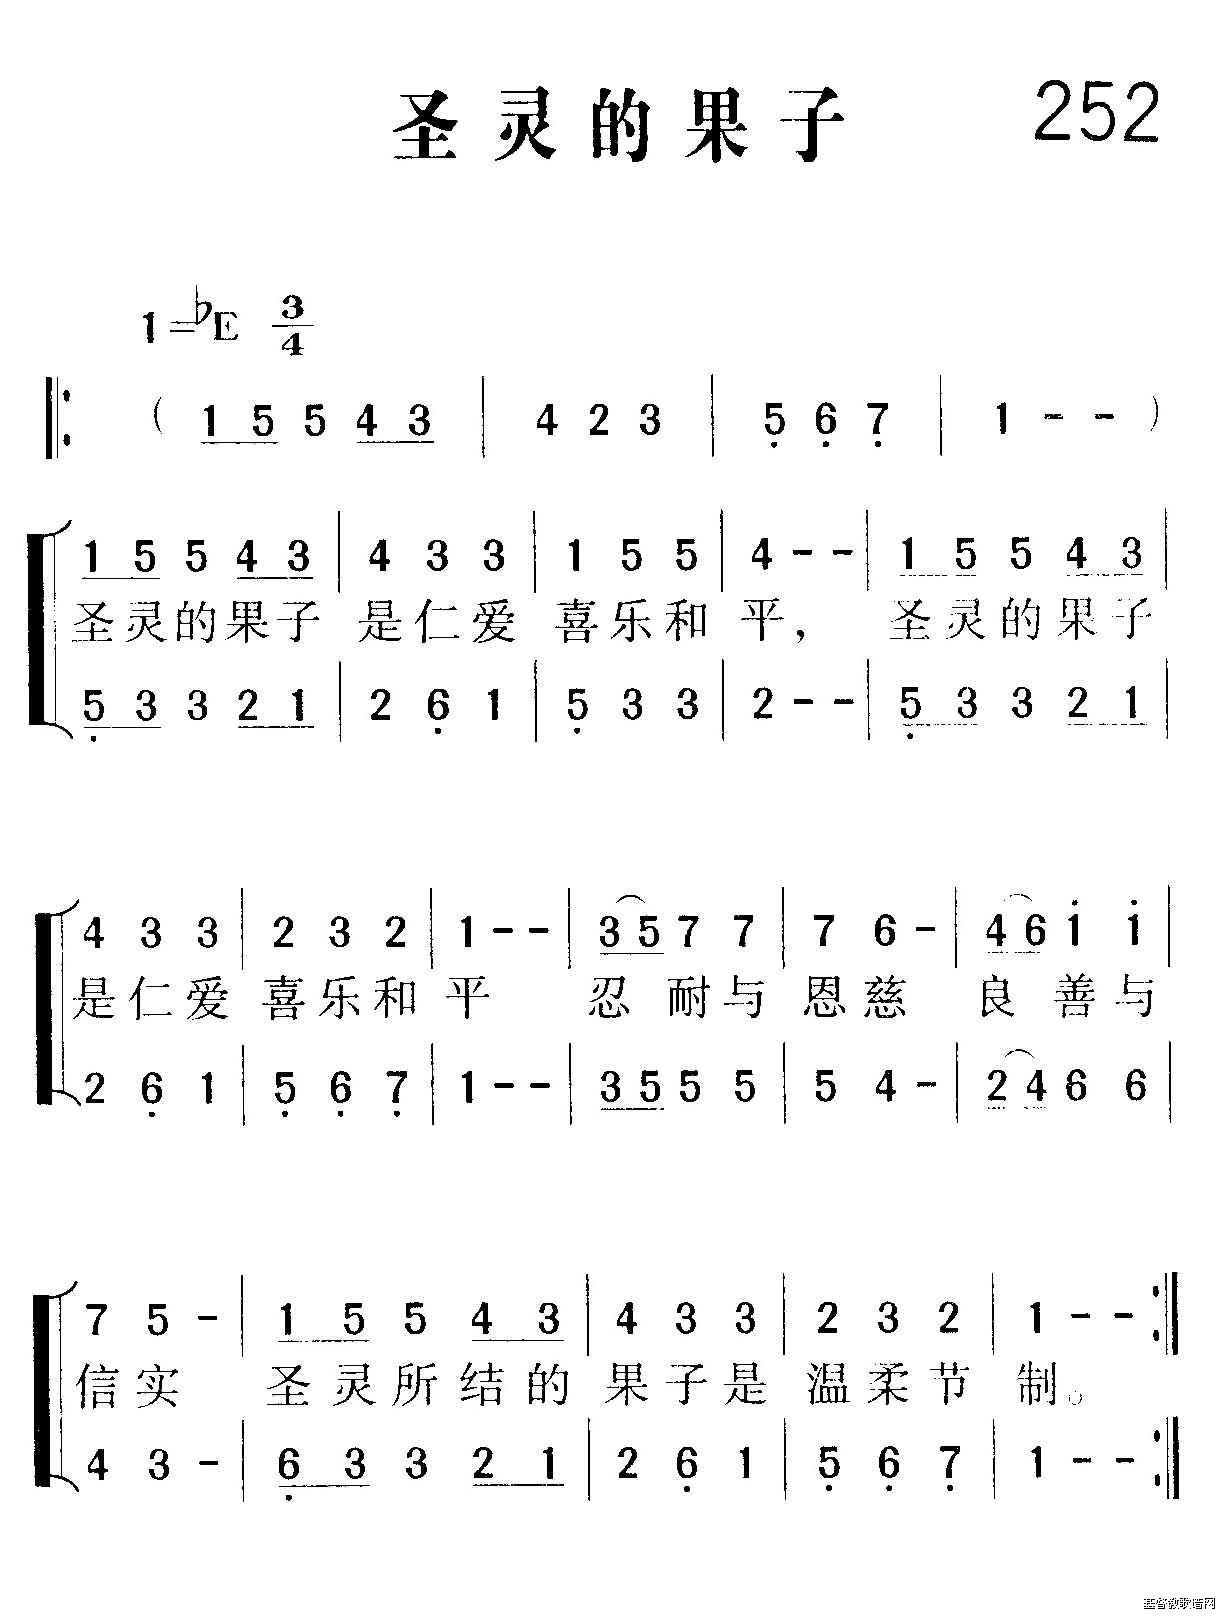 合唱曲香巴拉合唱谱-圣灵的果子合唱歌谱基督教简谱网 核心提示: